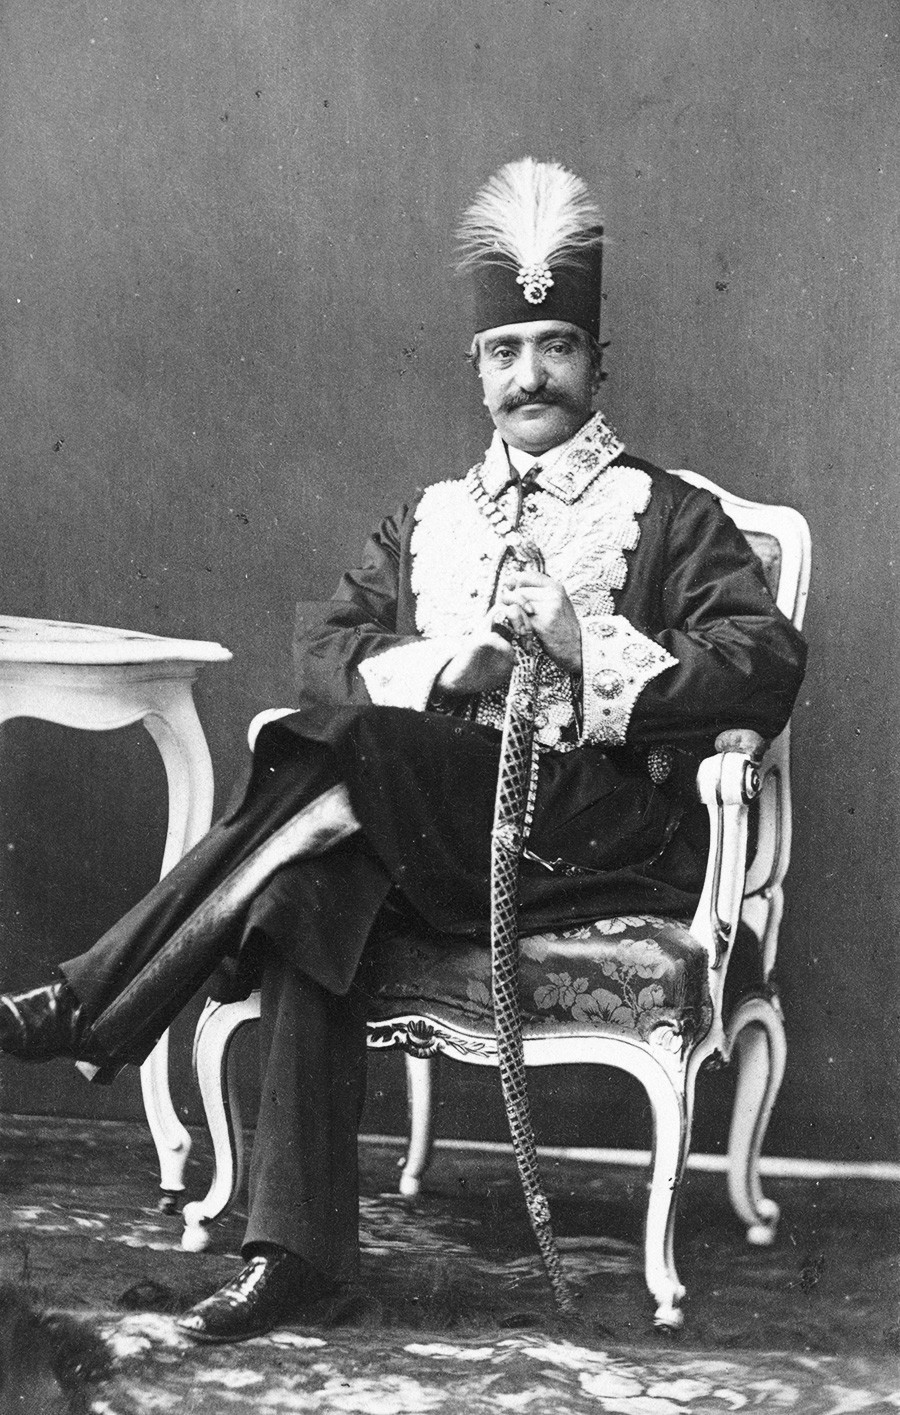 Иран, околу 1873 година: Насер ал Дин Шах, владетел на Персија, за време на светската изложба во Виена.